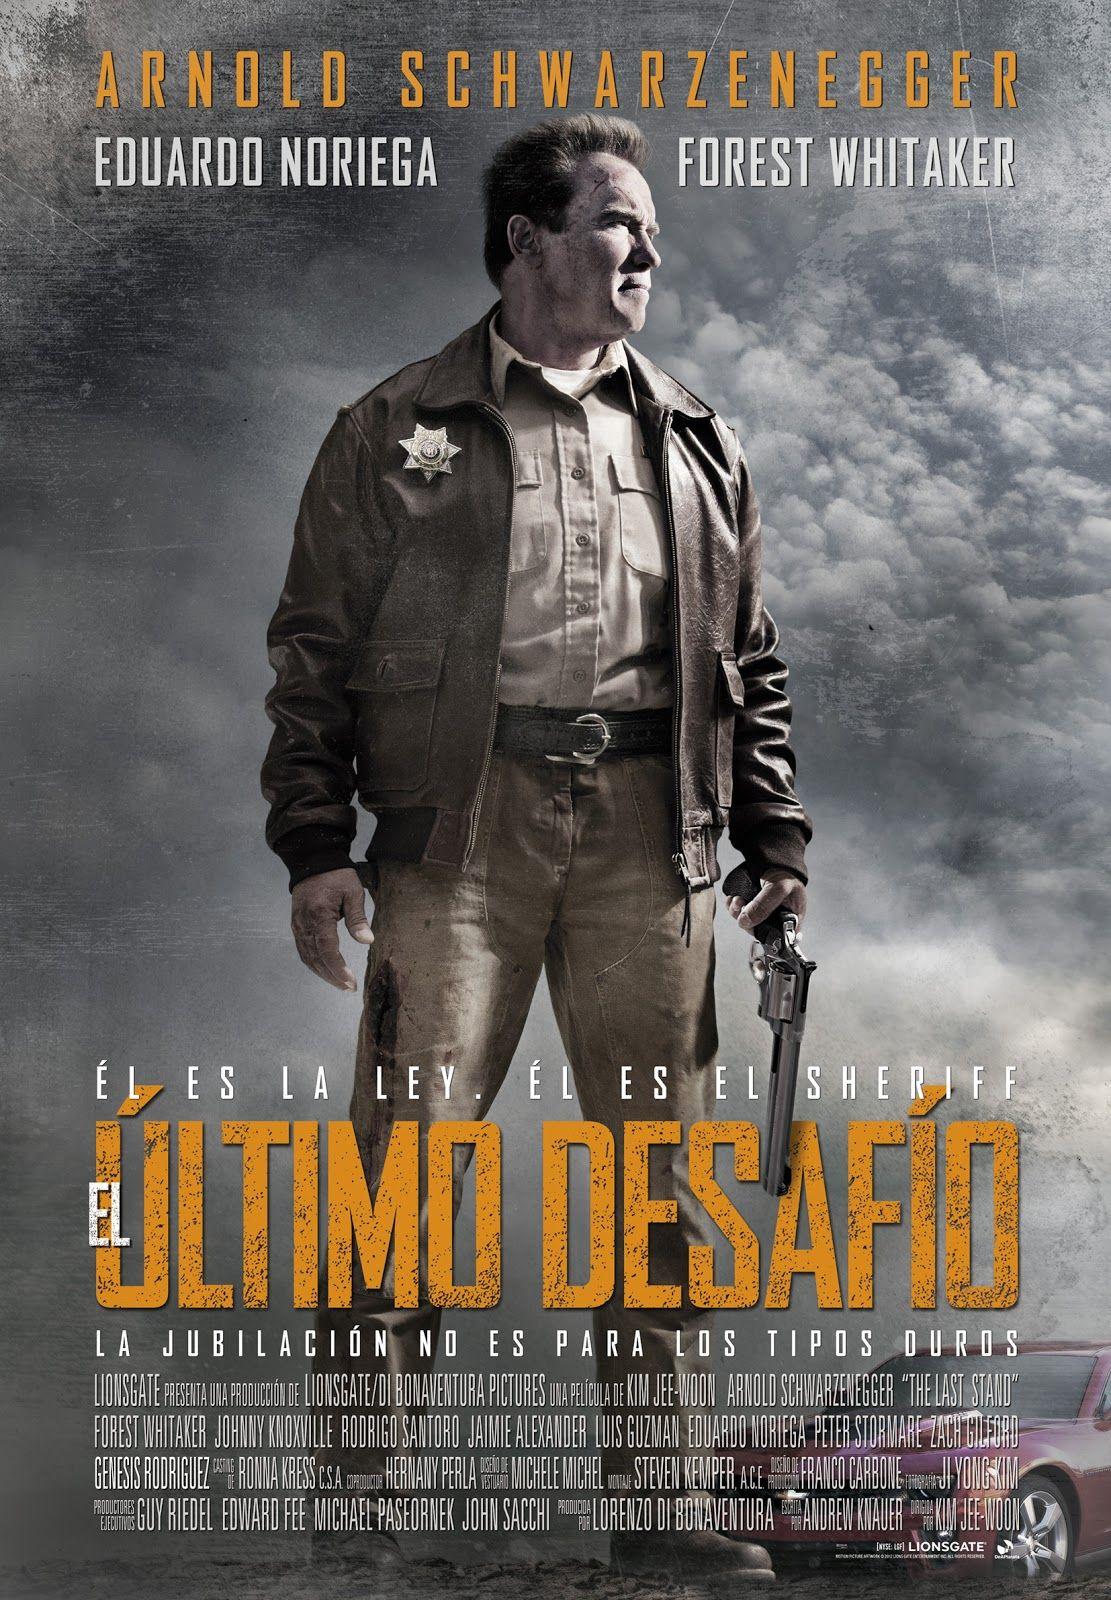 2013 El último Desafío Kim Jee Woon 11 10 14 Peliculas Poster De Peliculas Arnold Schwarzenegger